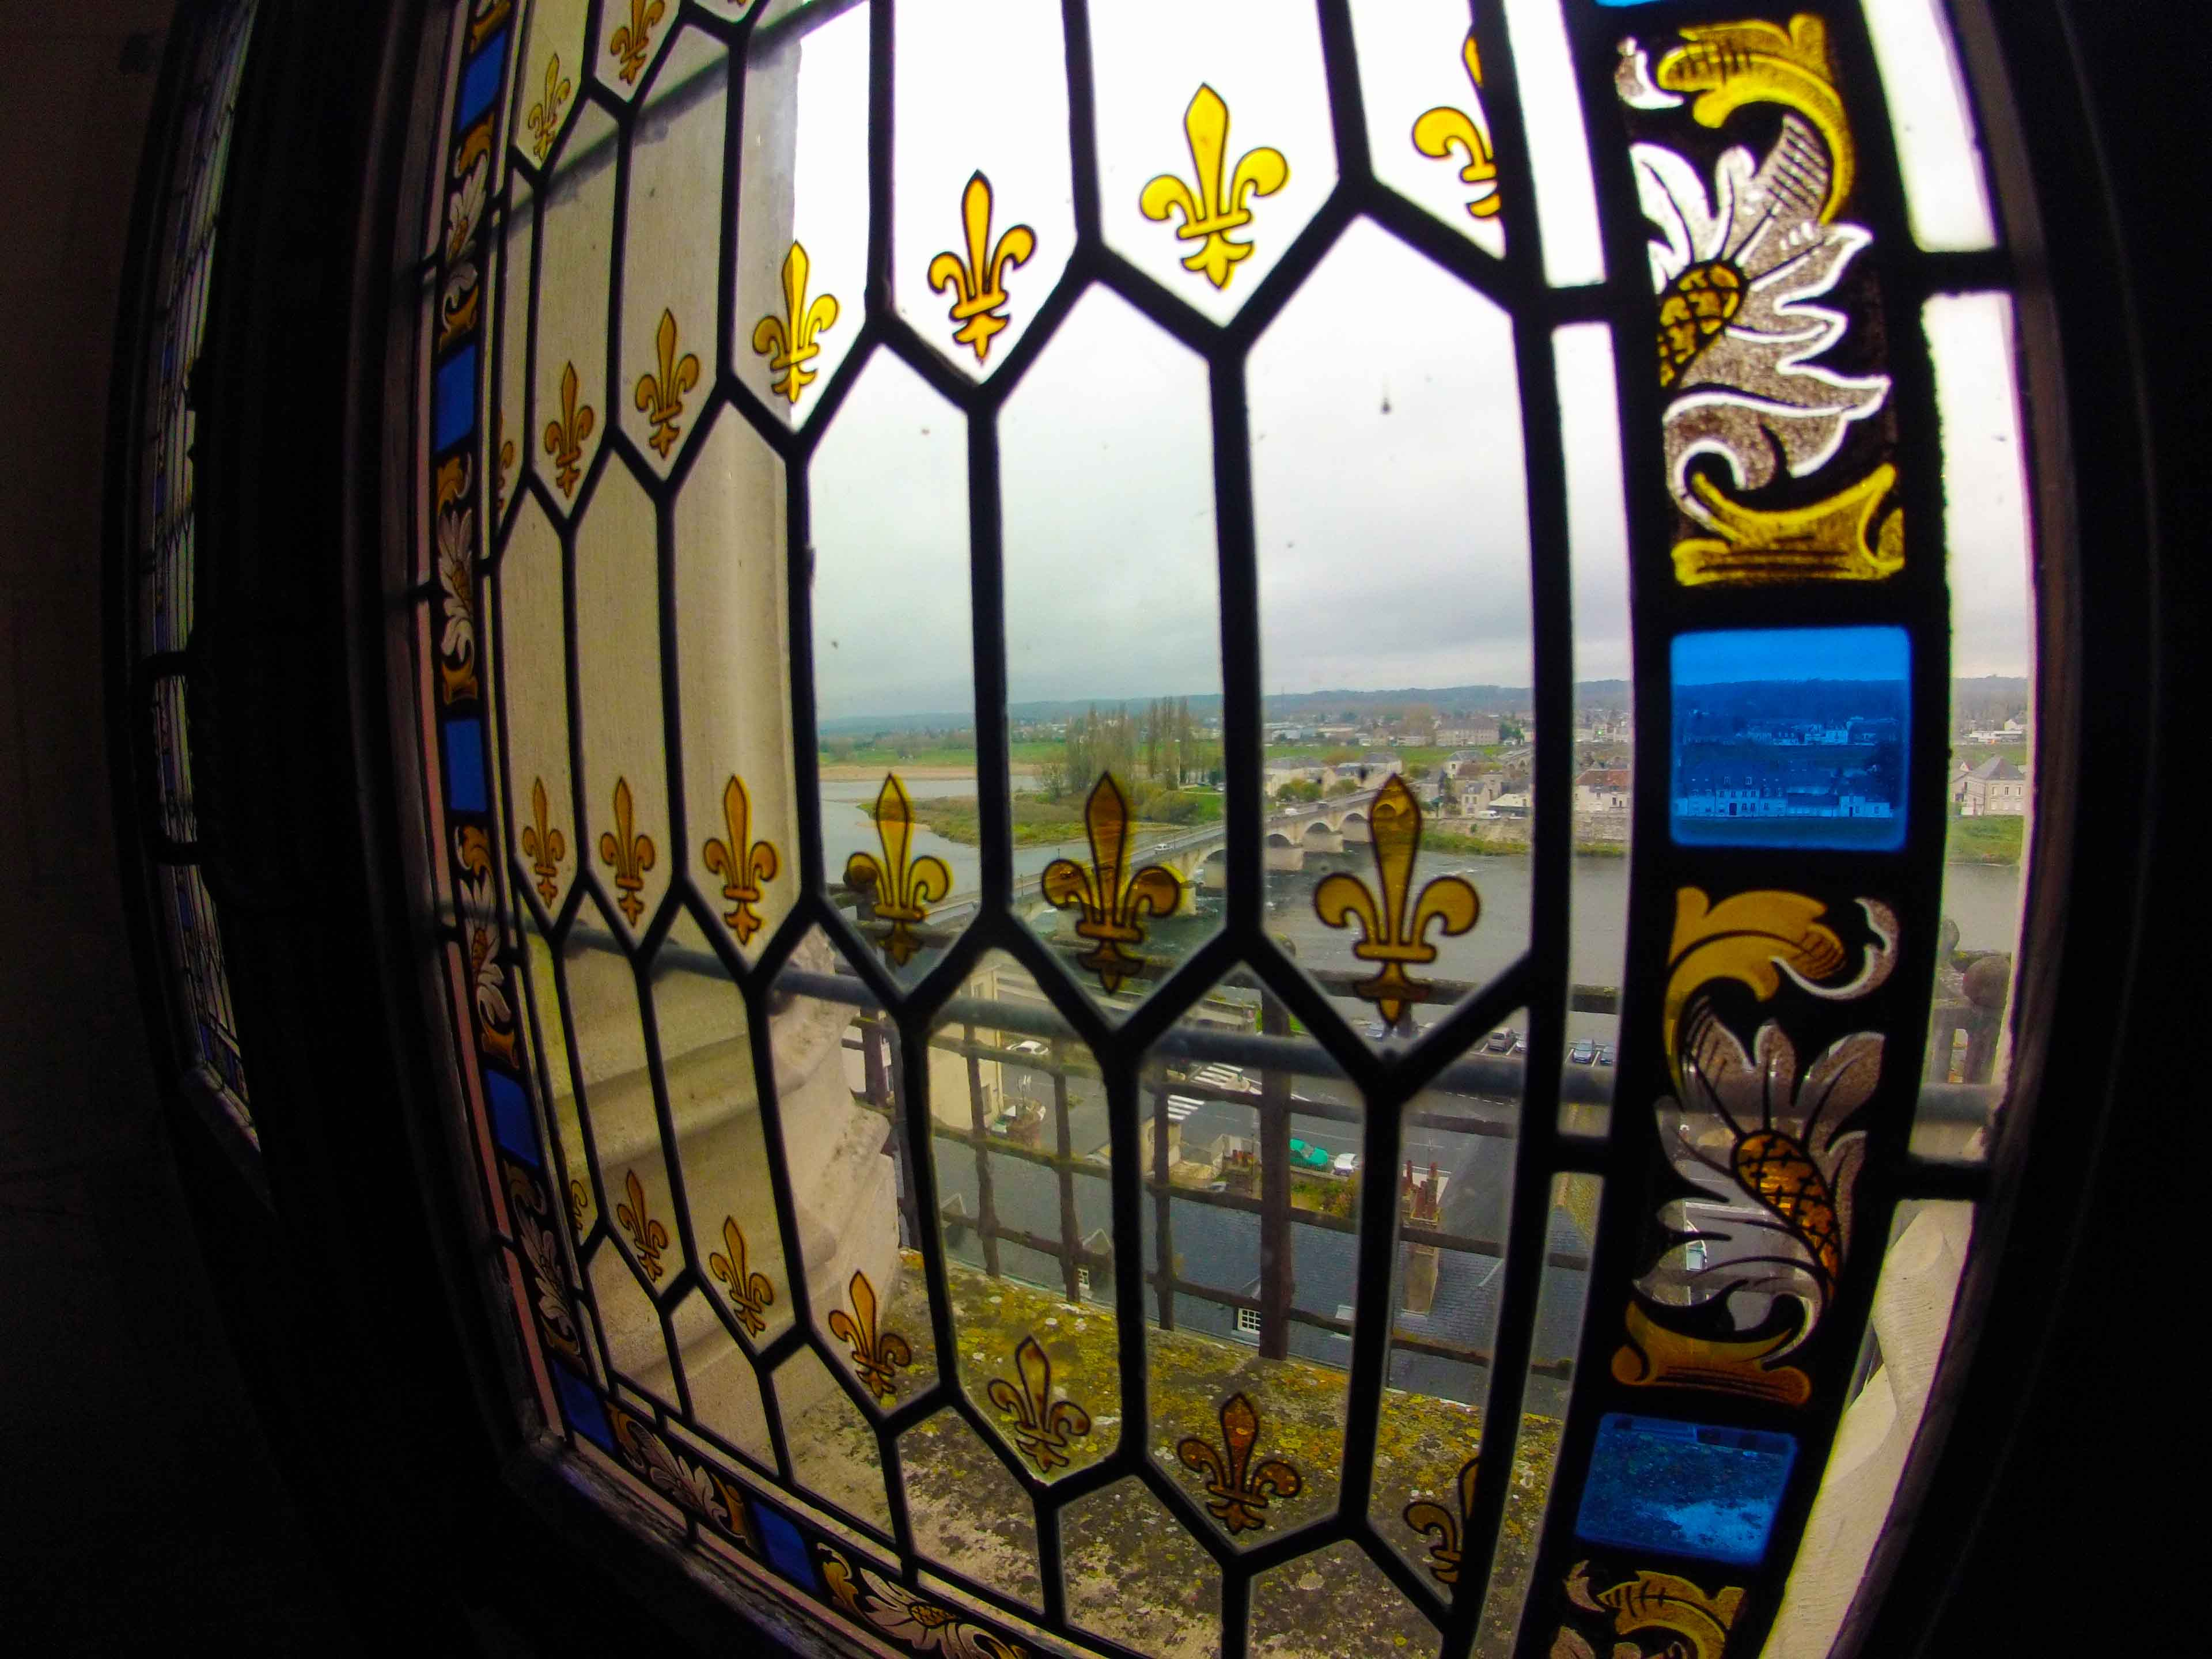 Detalhe dos vitrais no Château de Amboise